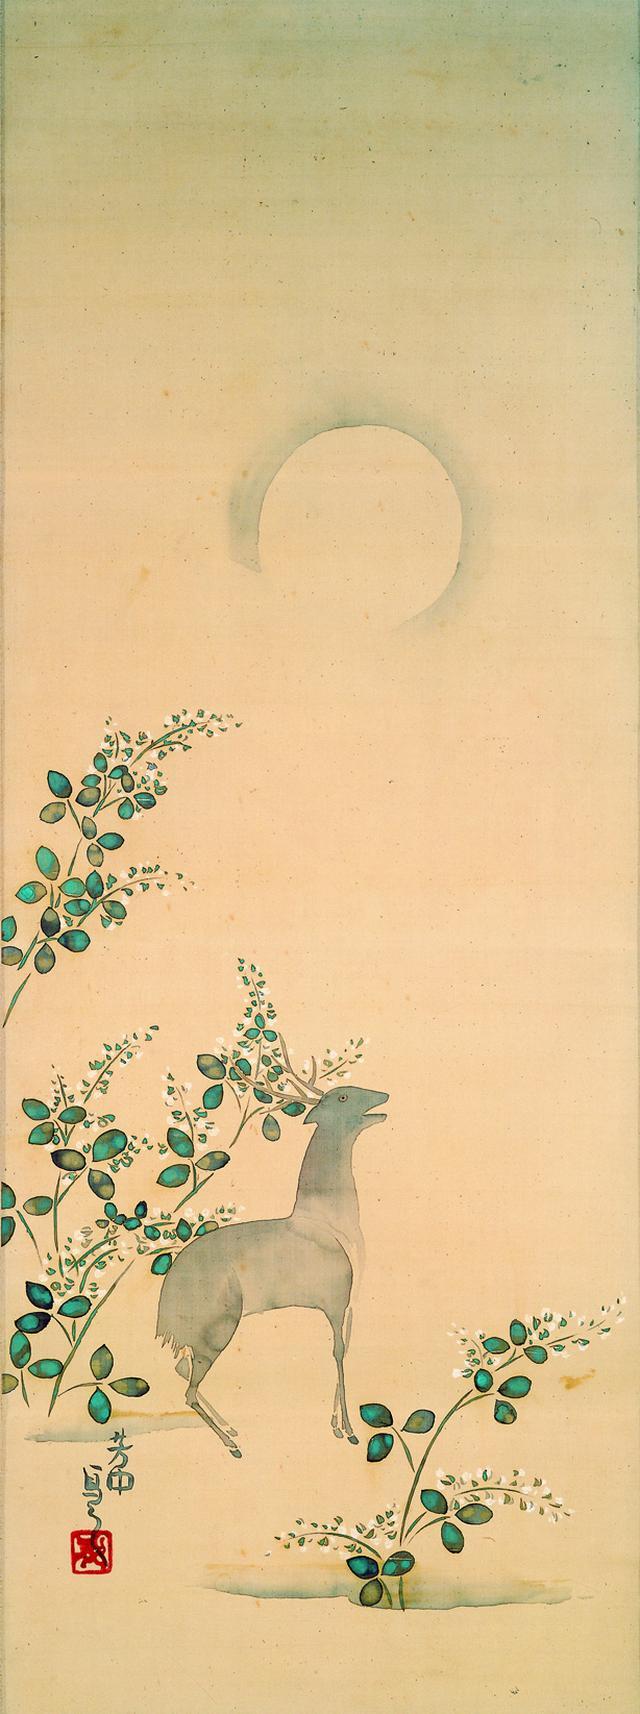 画像: 中村芳中 〈月に萩鹿図〉 細見美術館蔵